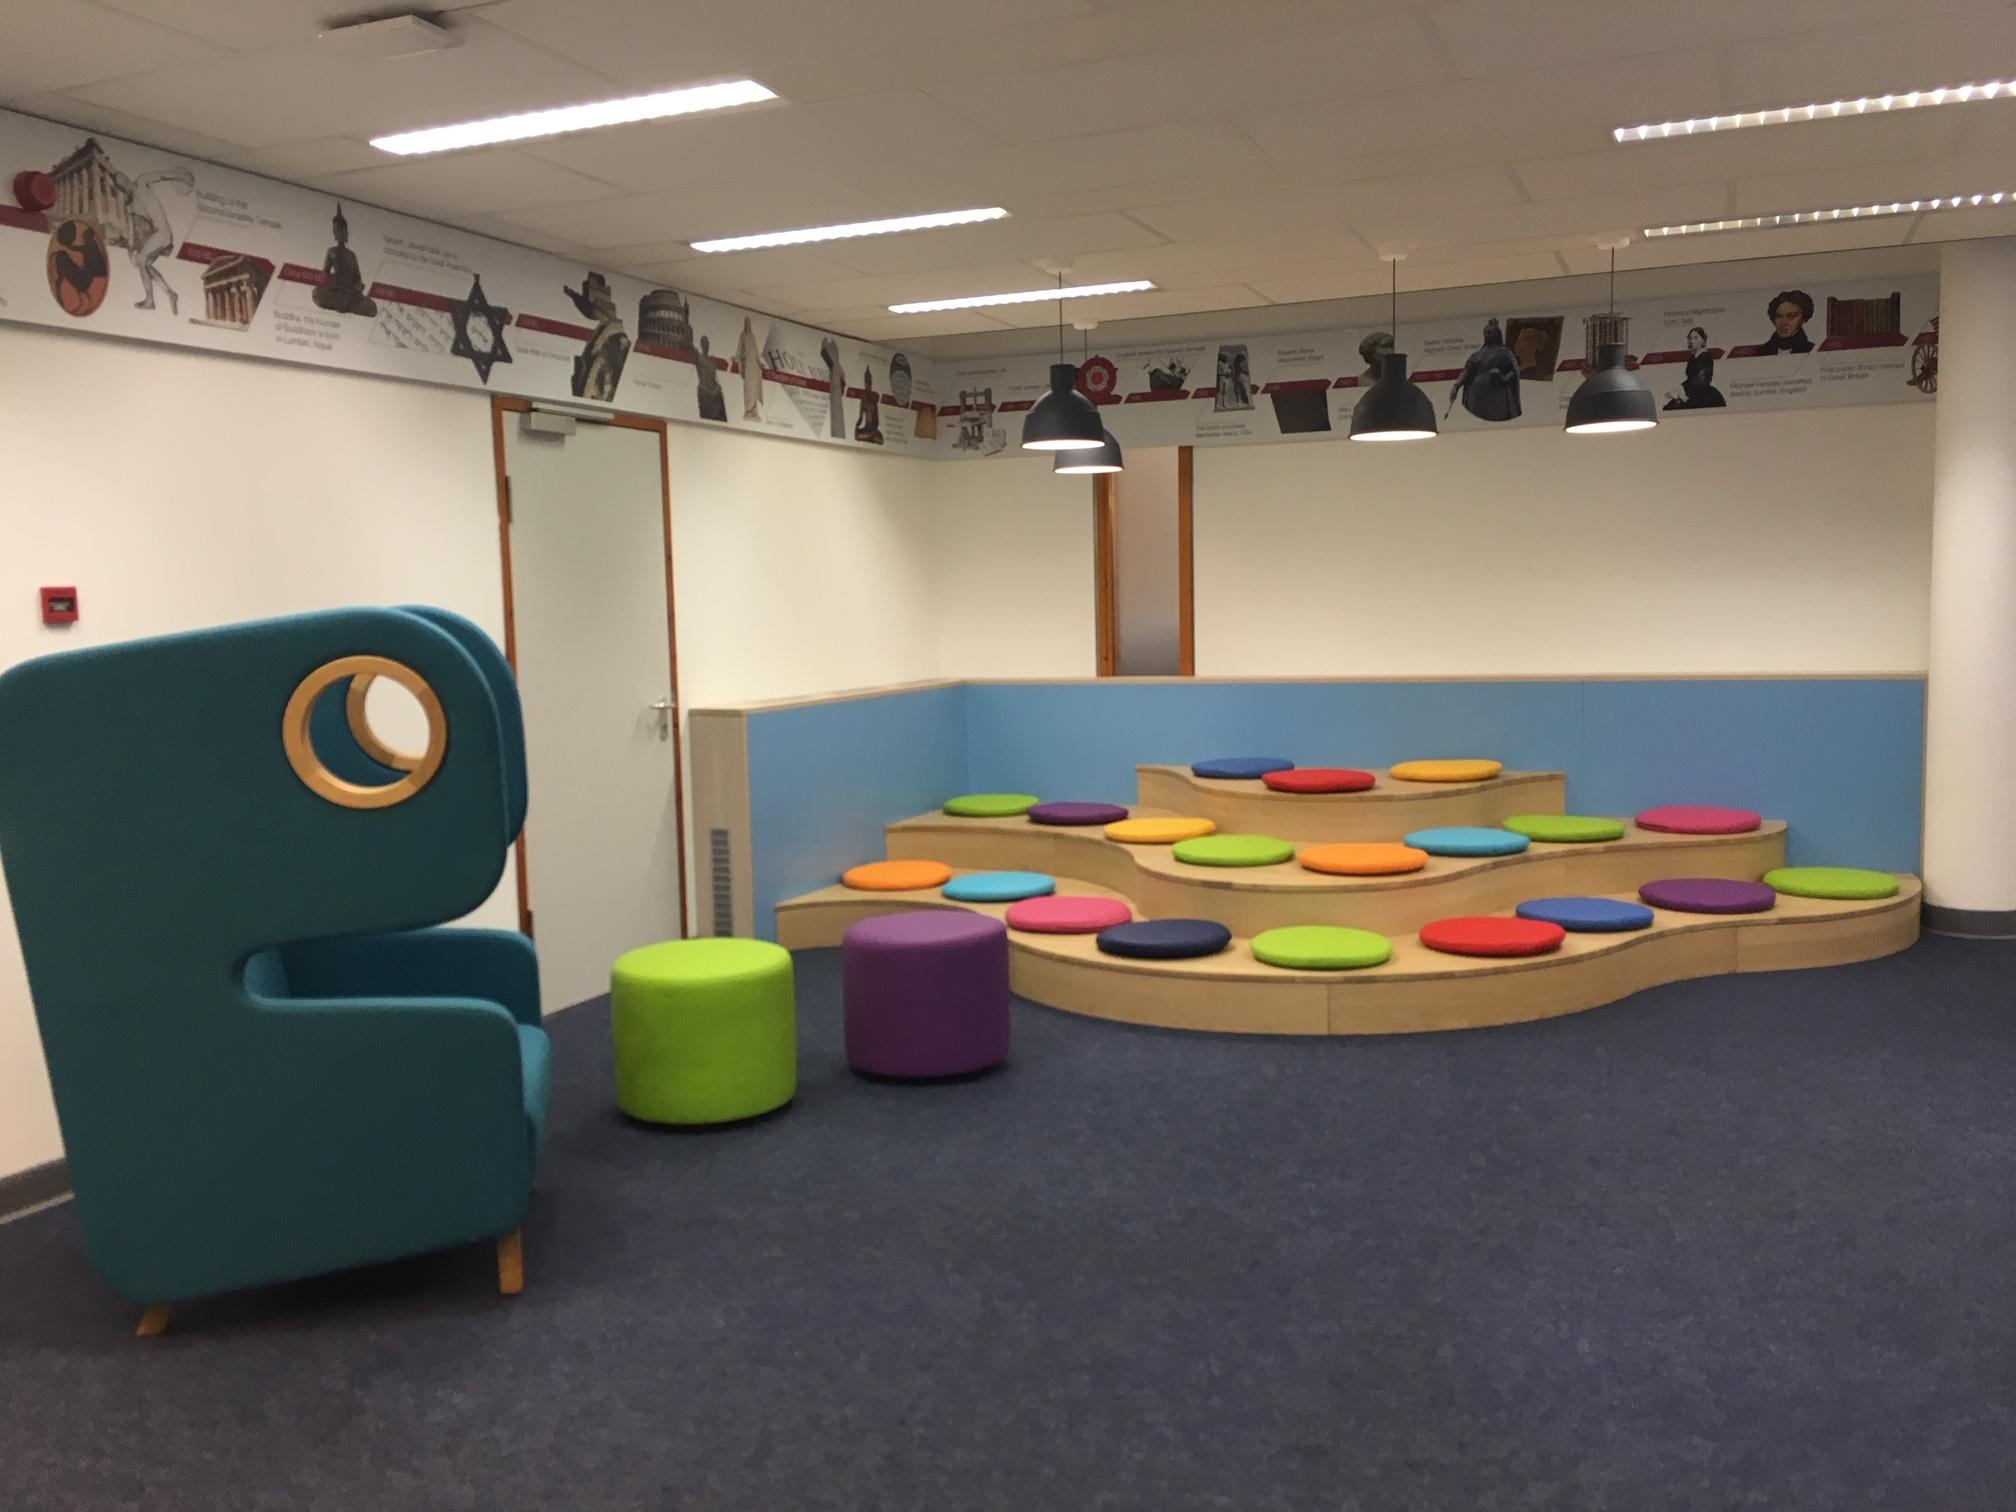 voorleespodium op maat Heering Office Den Haag